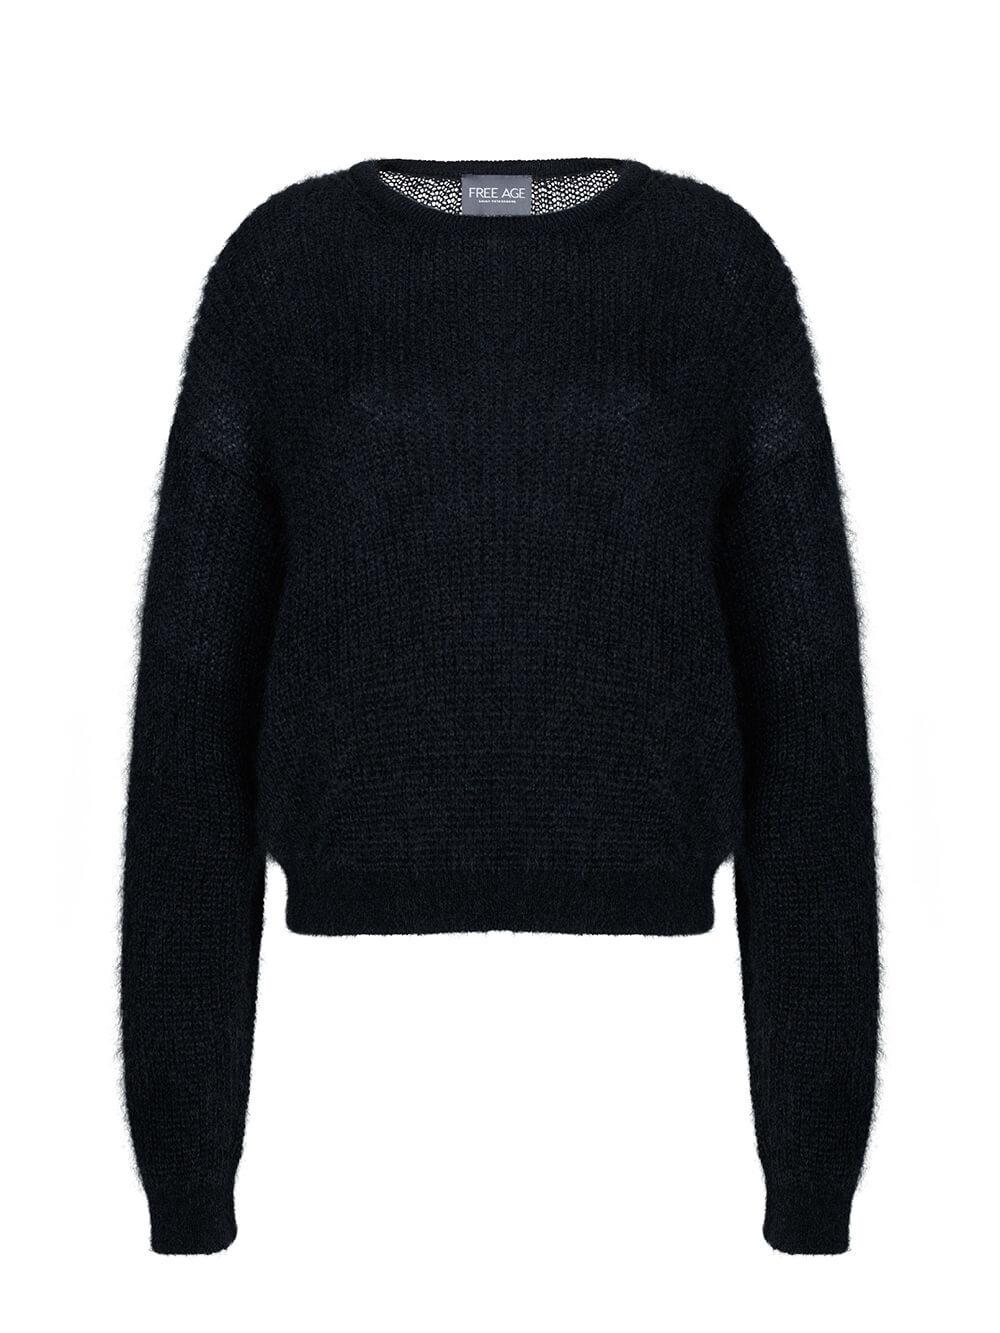 Женский джемпер черного цвета из мохера и шерсти - фото 1